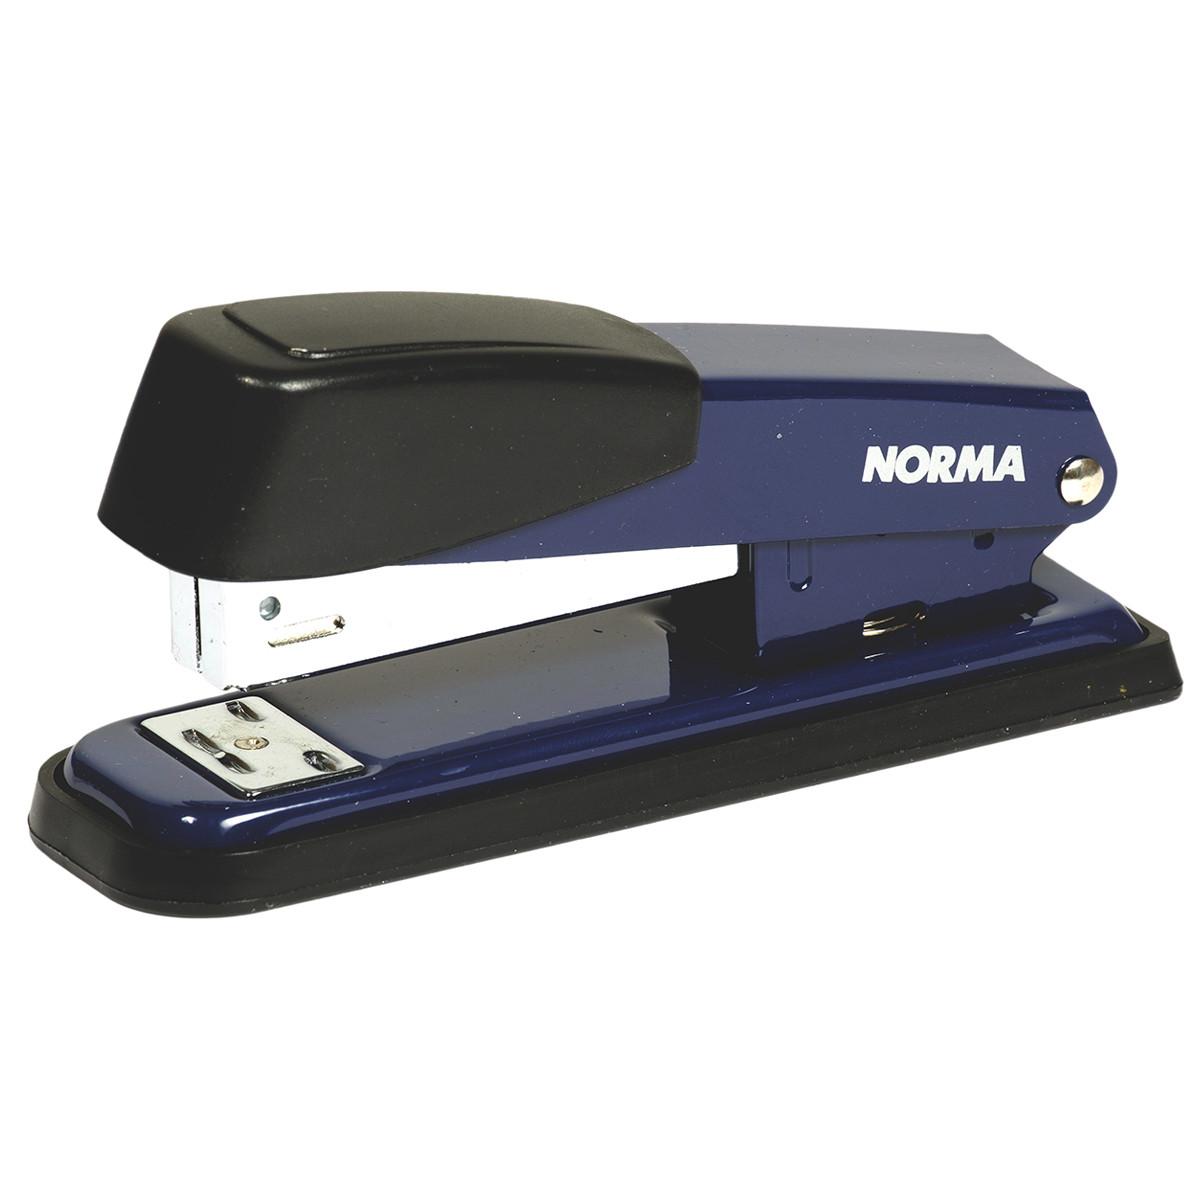 Степлер металевий Norma, 4123, № 24/6-26/6, 20 аркушів, 60 мм, синій